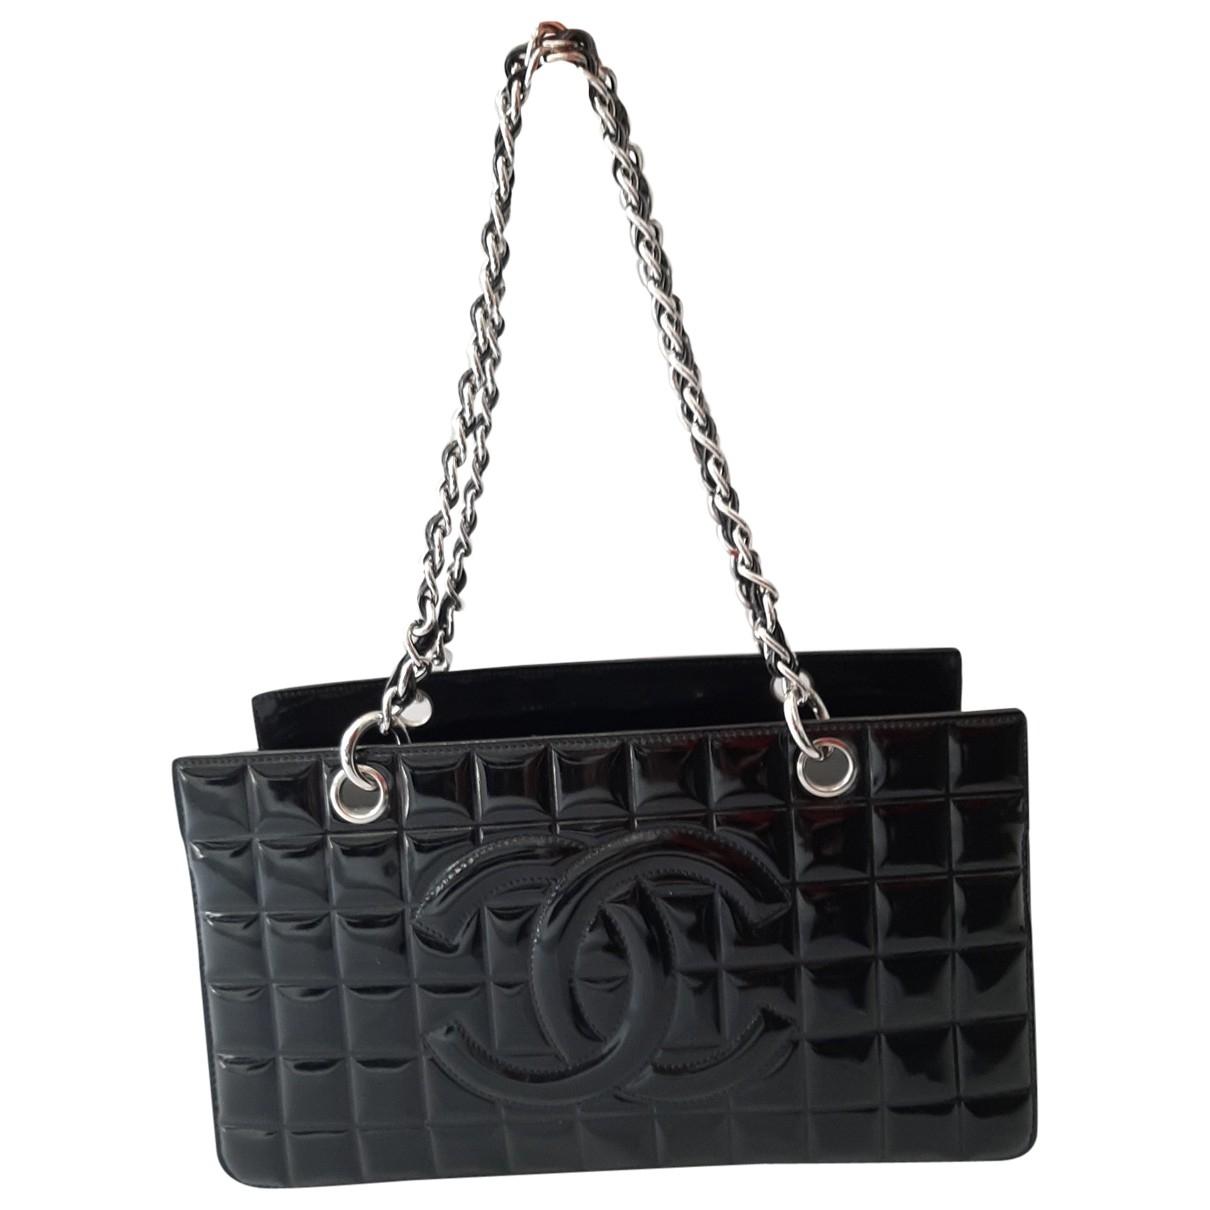 Chanel - Sac a main   pour femme en cuir verni - noir